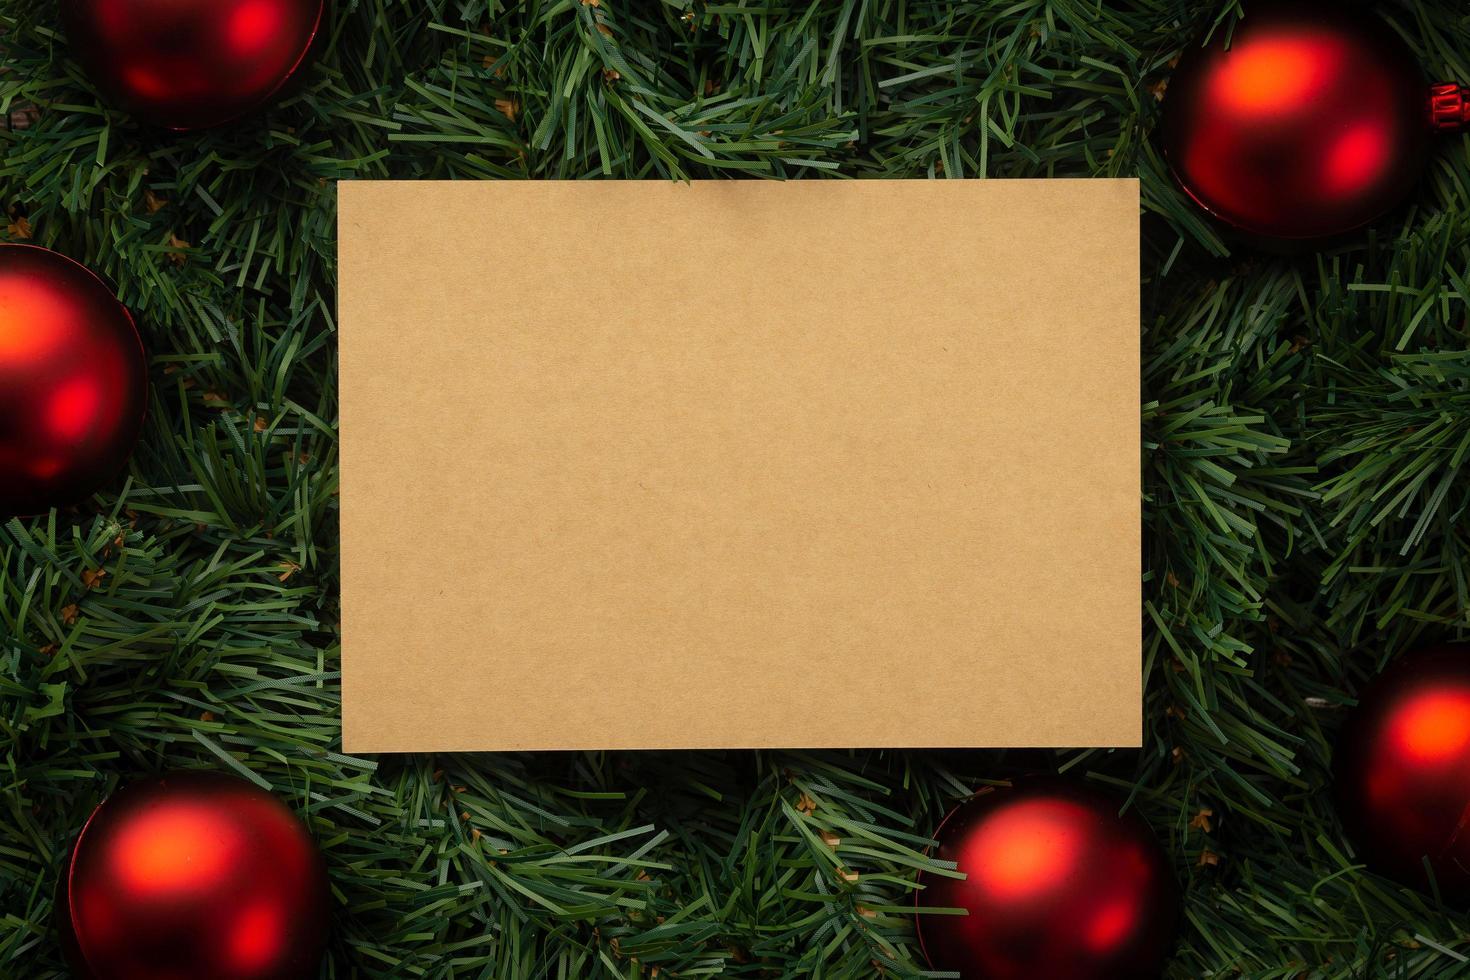 Frohe Weihnachten Bastelpapier Notiz Modell Vorlage mit Kiefernblättern Dekorationen foto